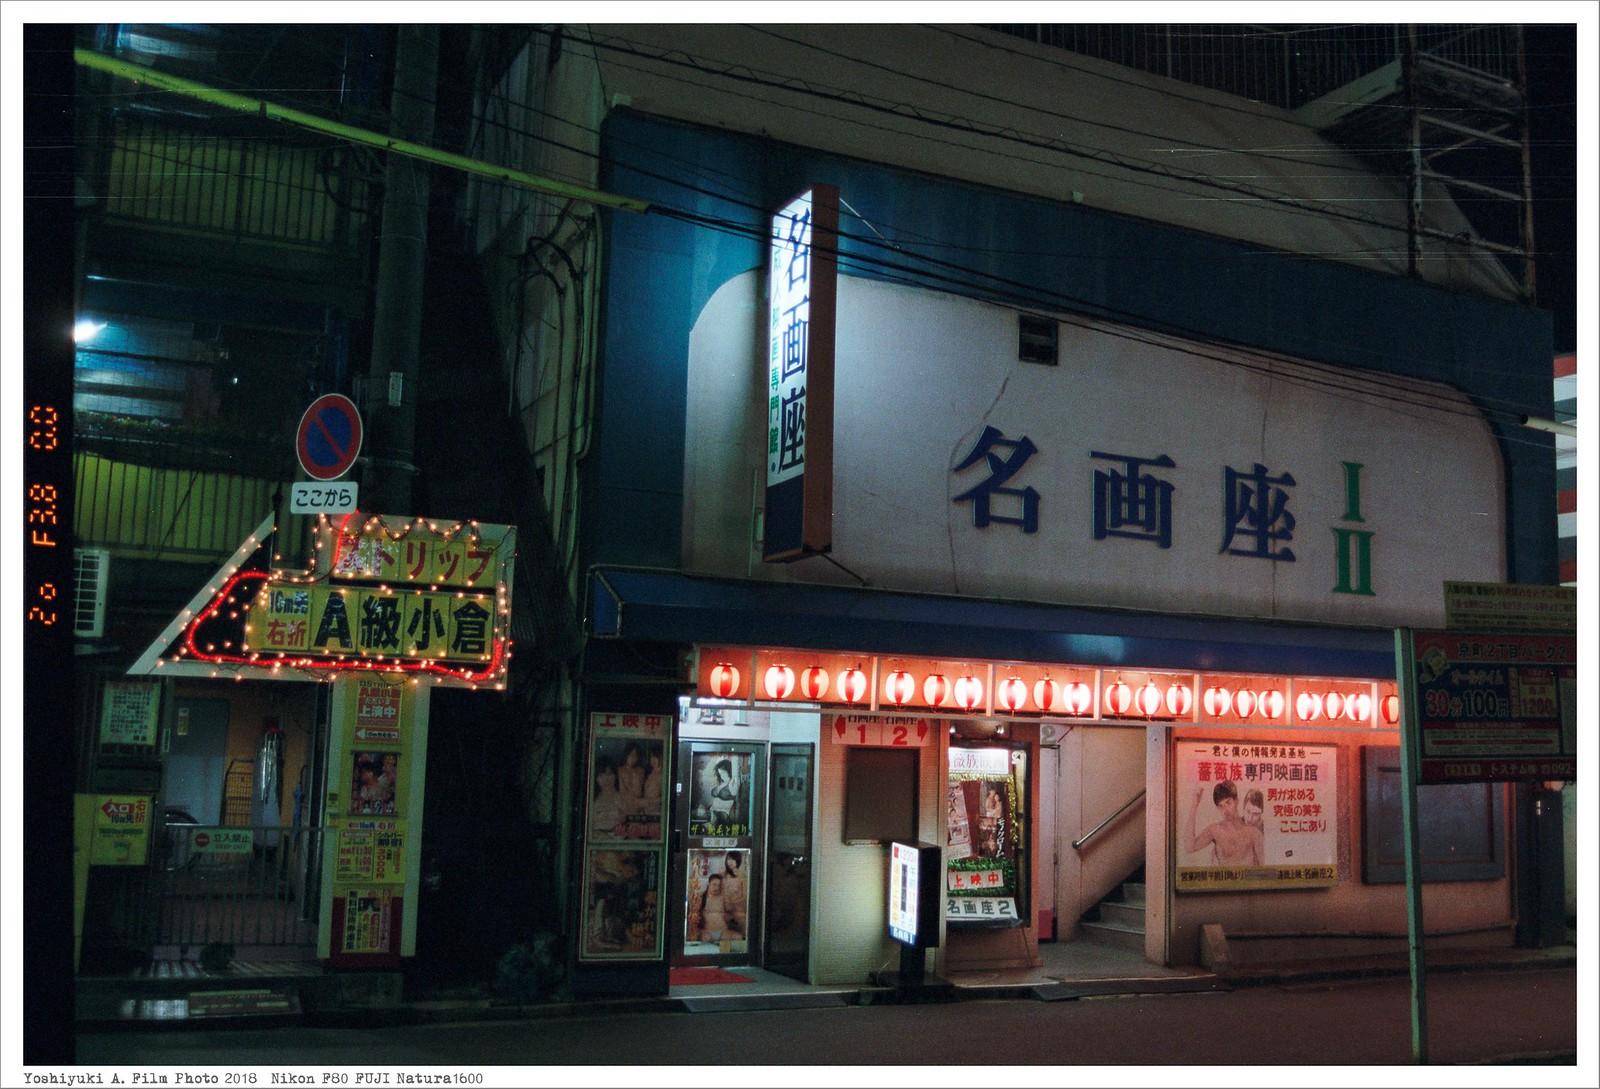 北九州市 小倉 Nikon_F80_FUJI_Natura1600__10